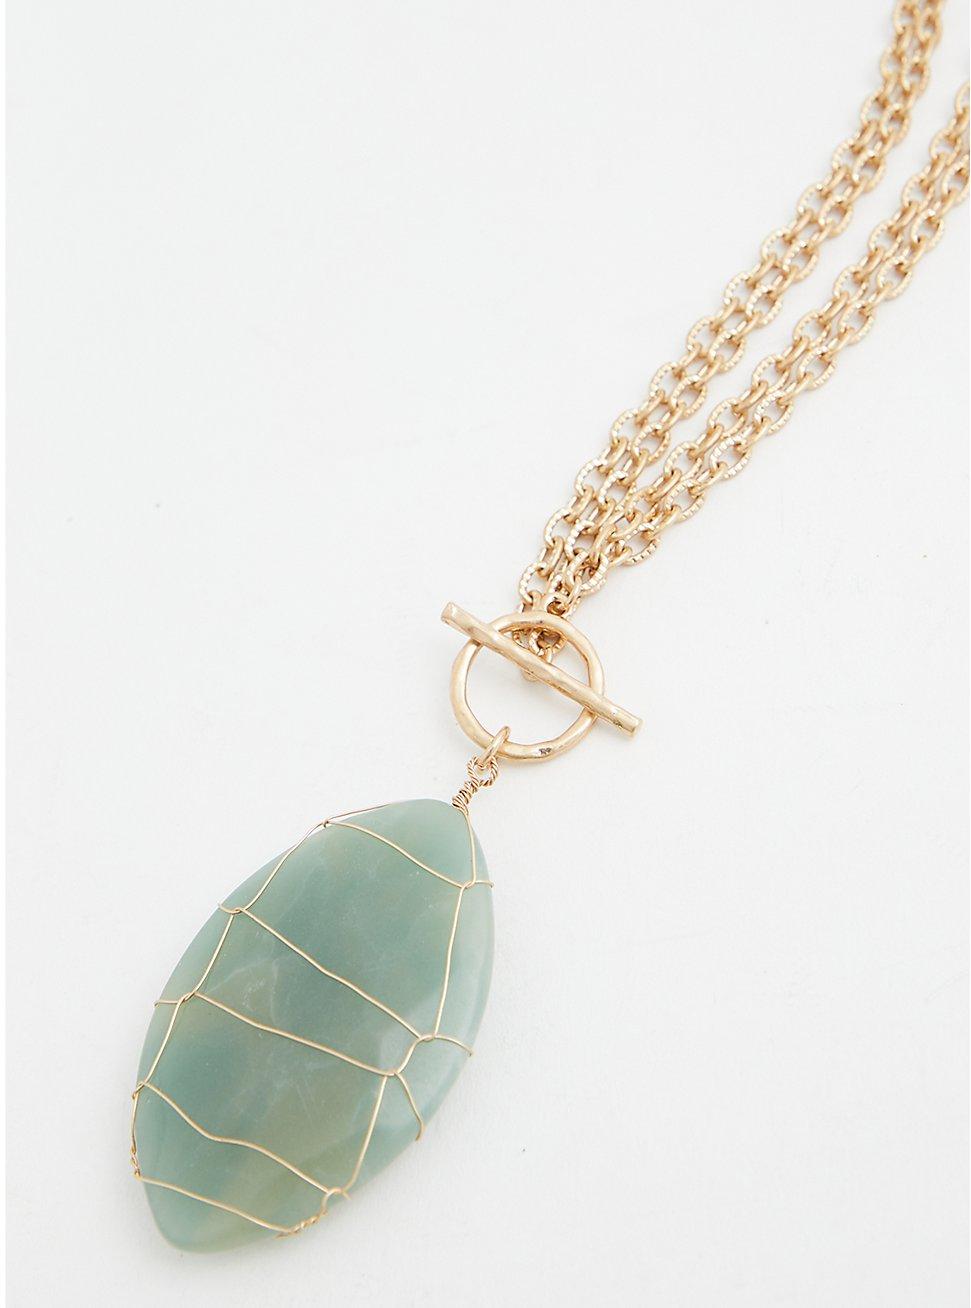 Gold-Tone Mint Stone Pendant Necklace, , hi-res